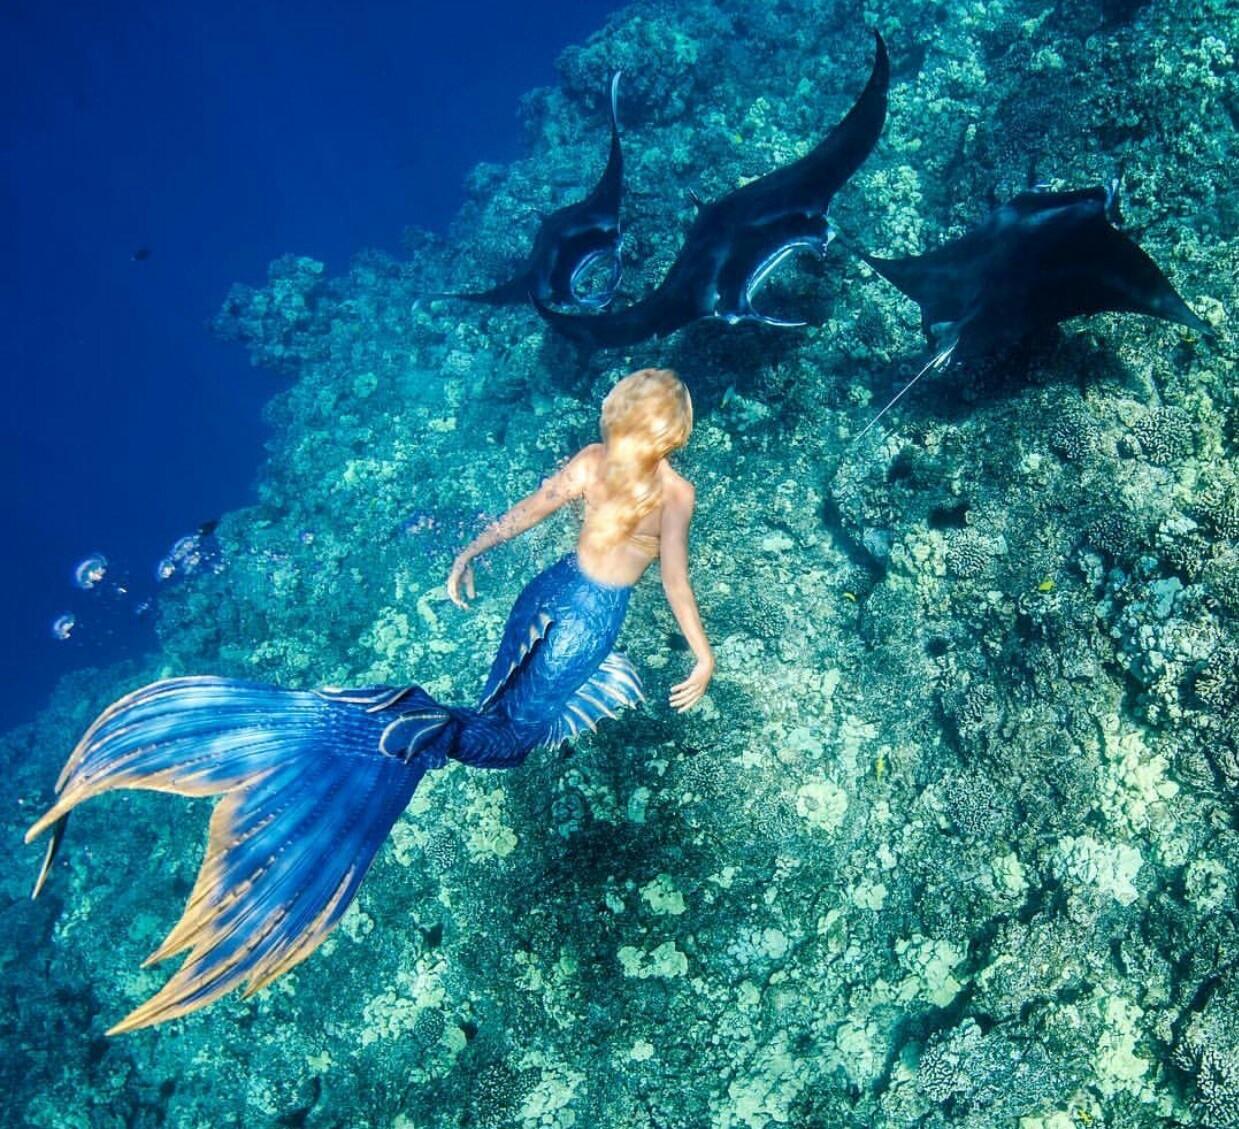 движущиеся картинки живых настоящих русалок можете